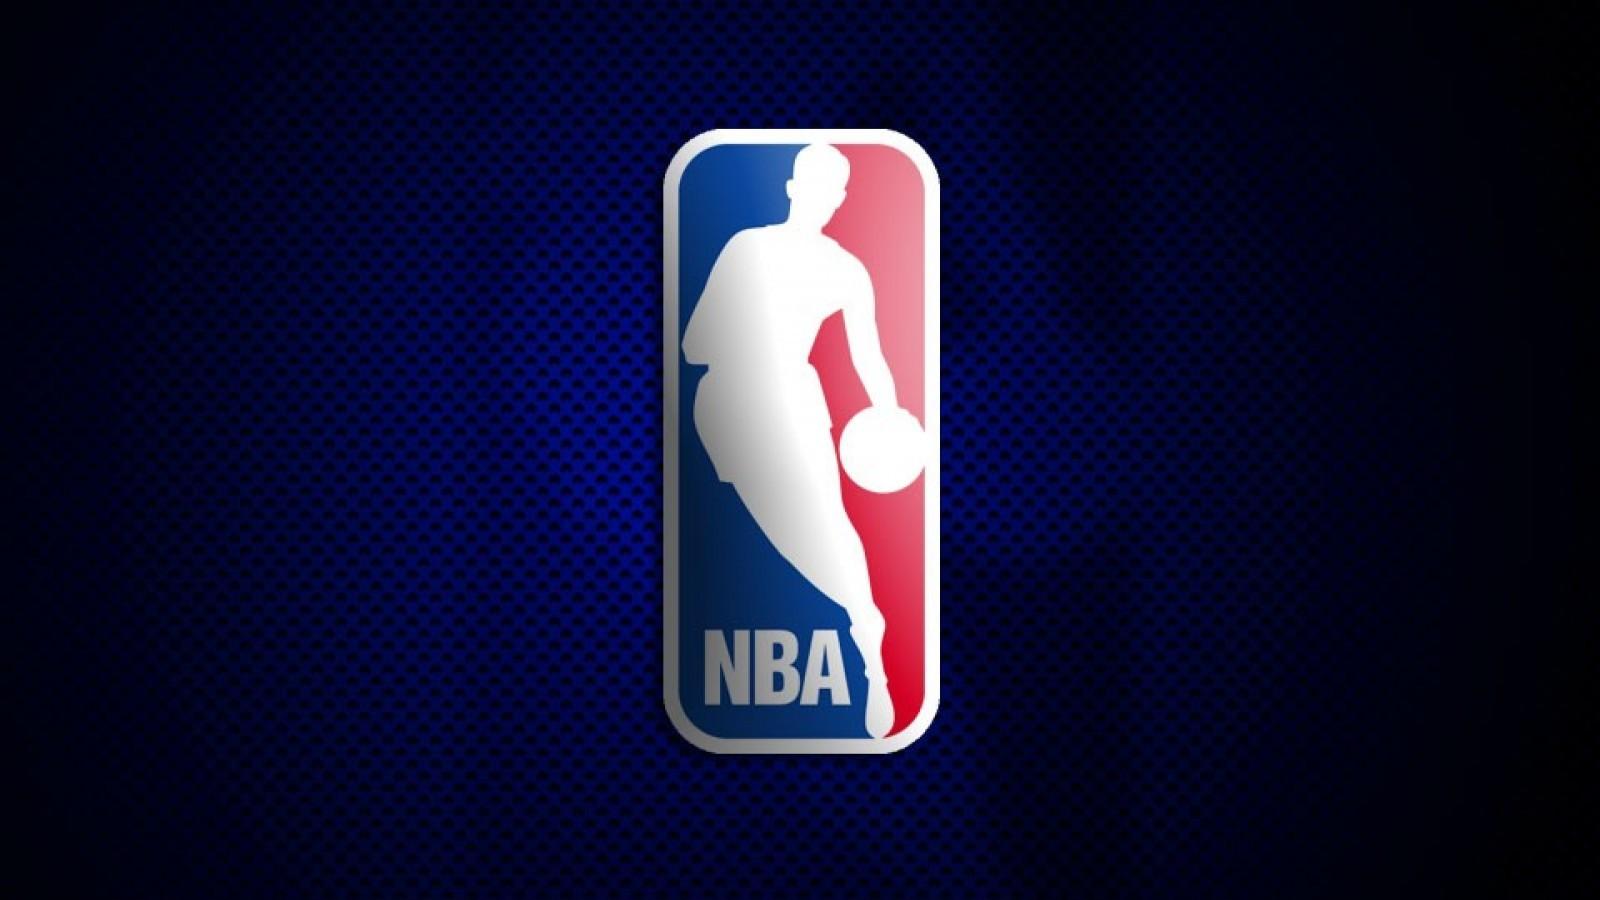 Найкращі моменти матчу плей-оф НБА 26 травня